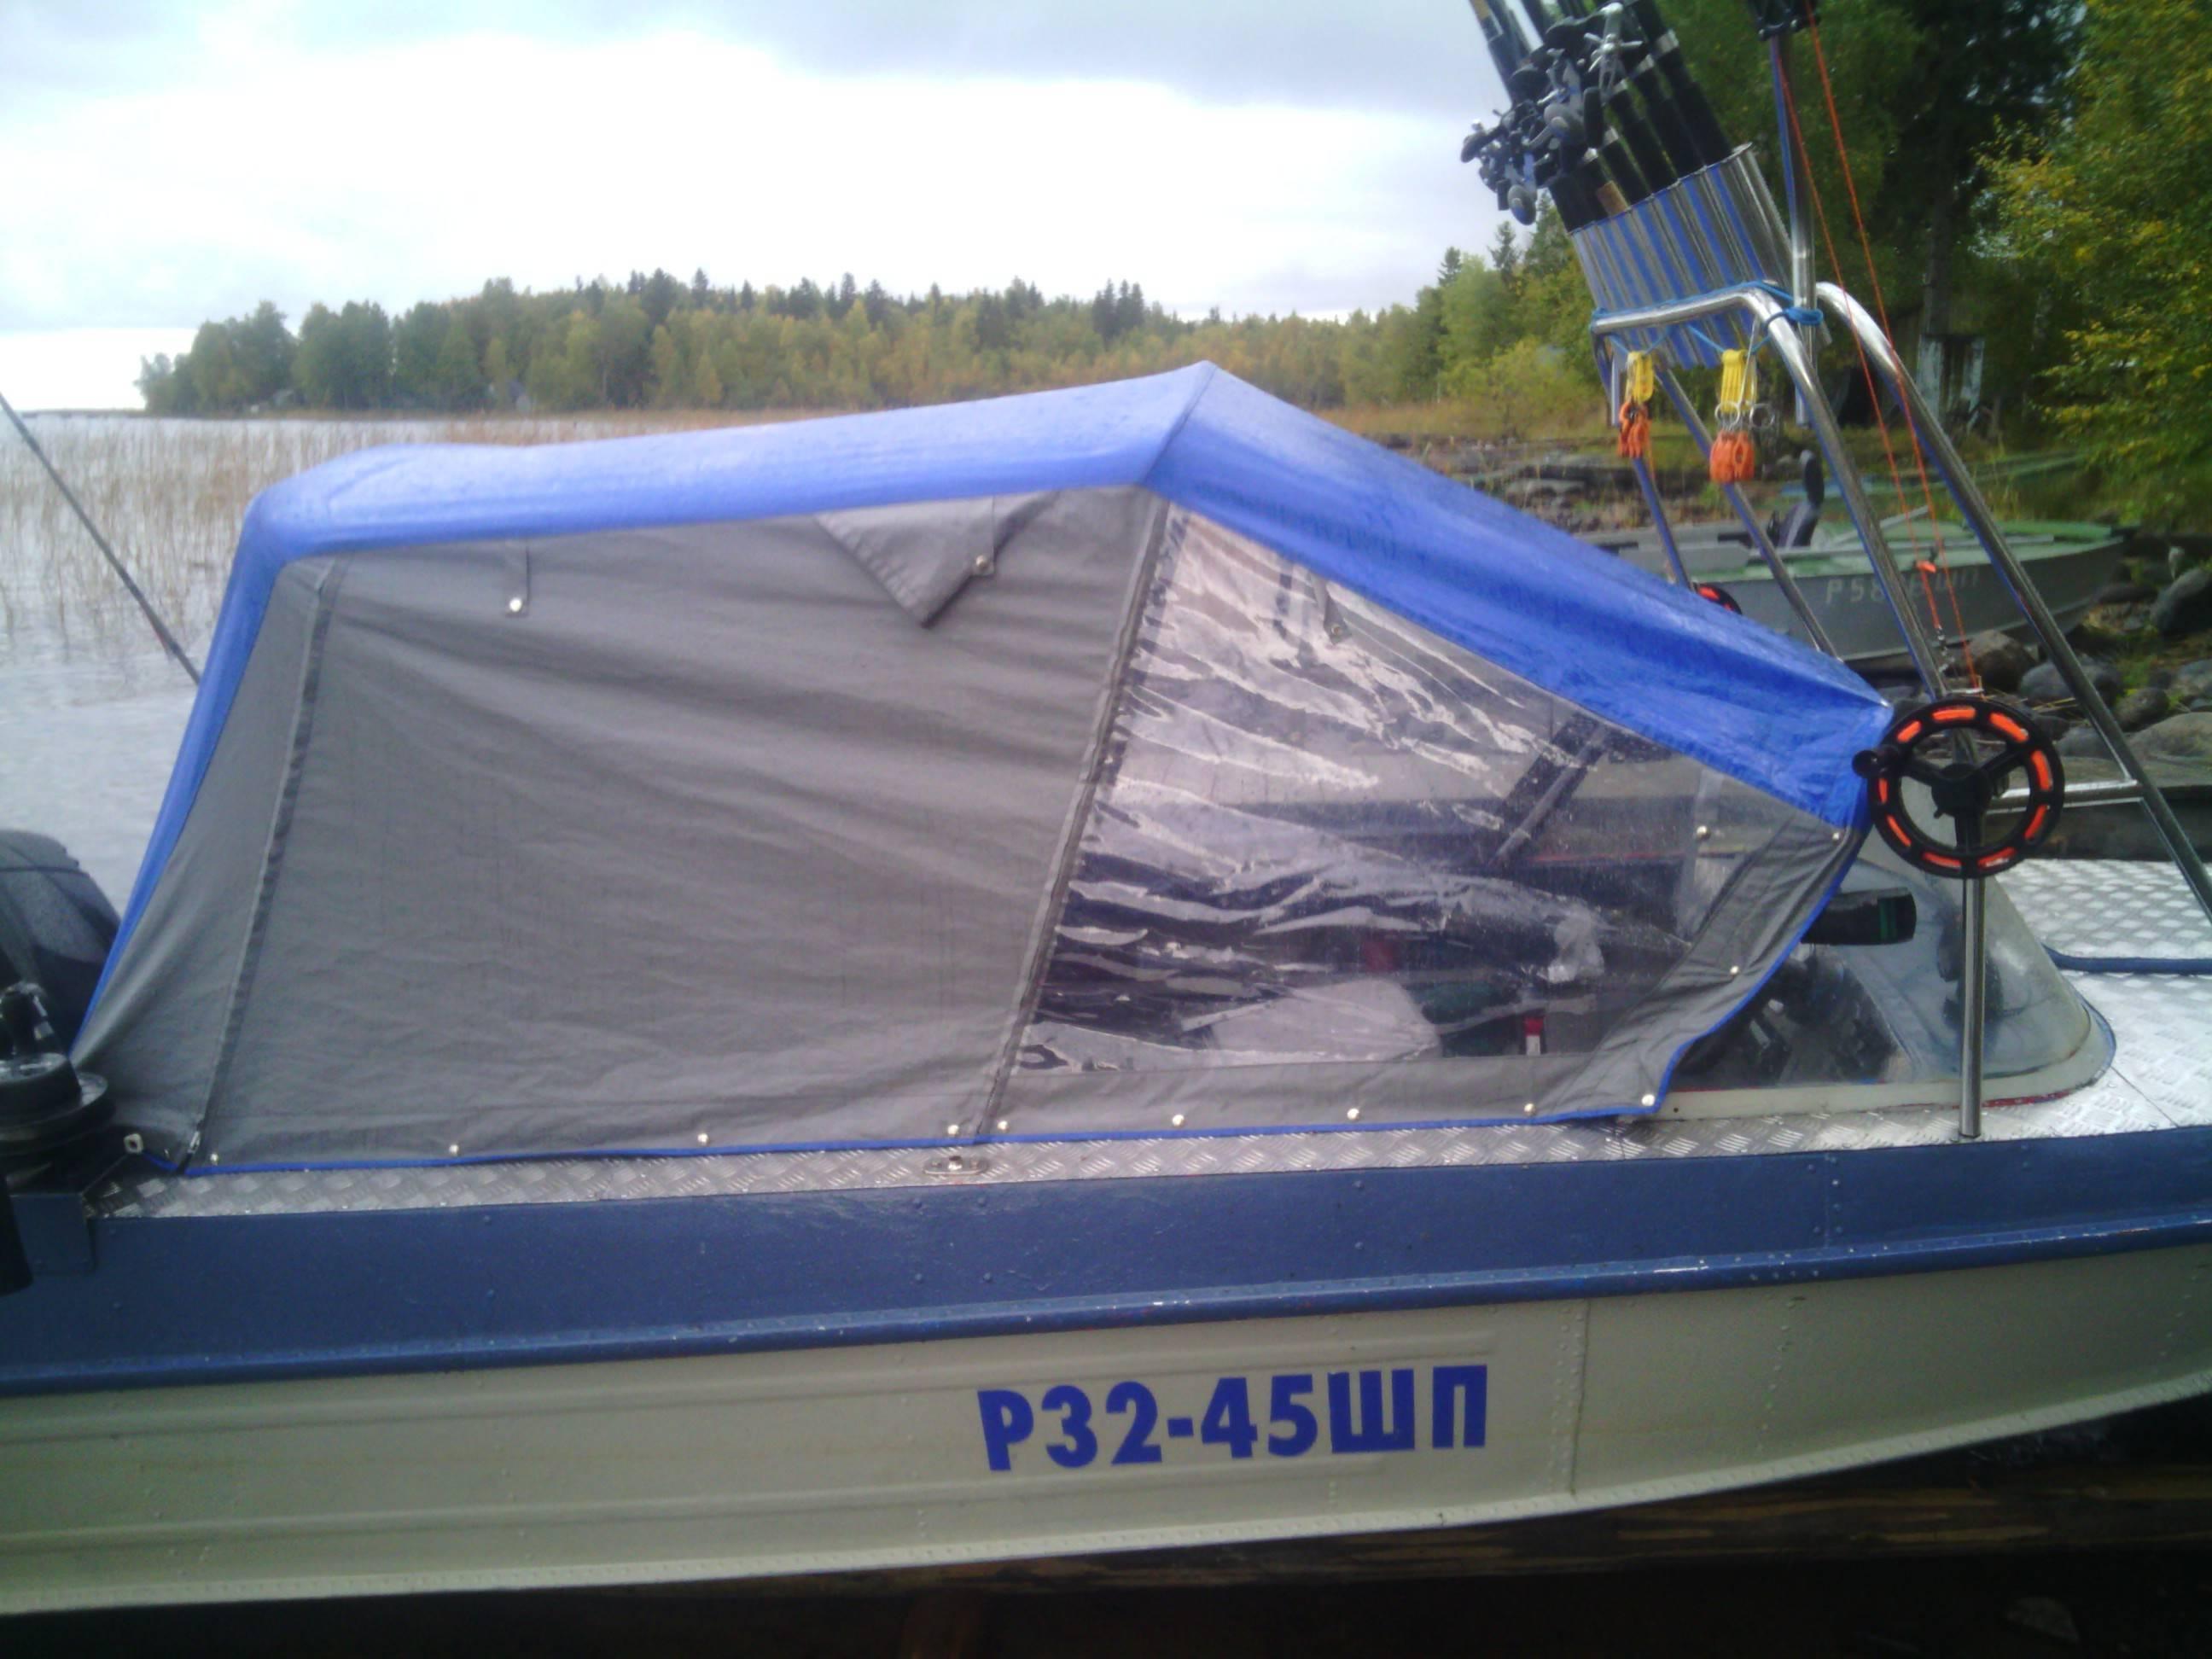 Моторные лодки казанка-5м2 и казанка-5м3